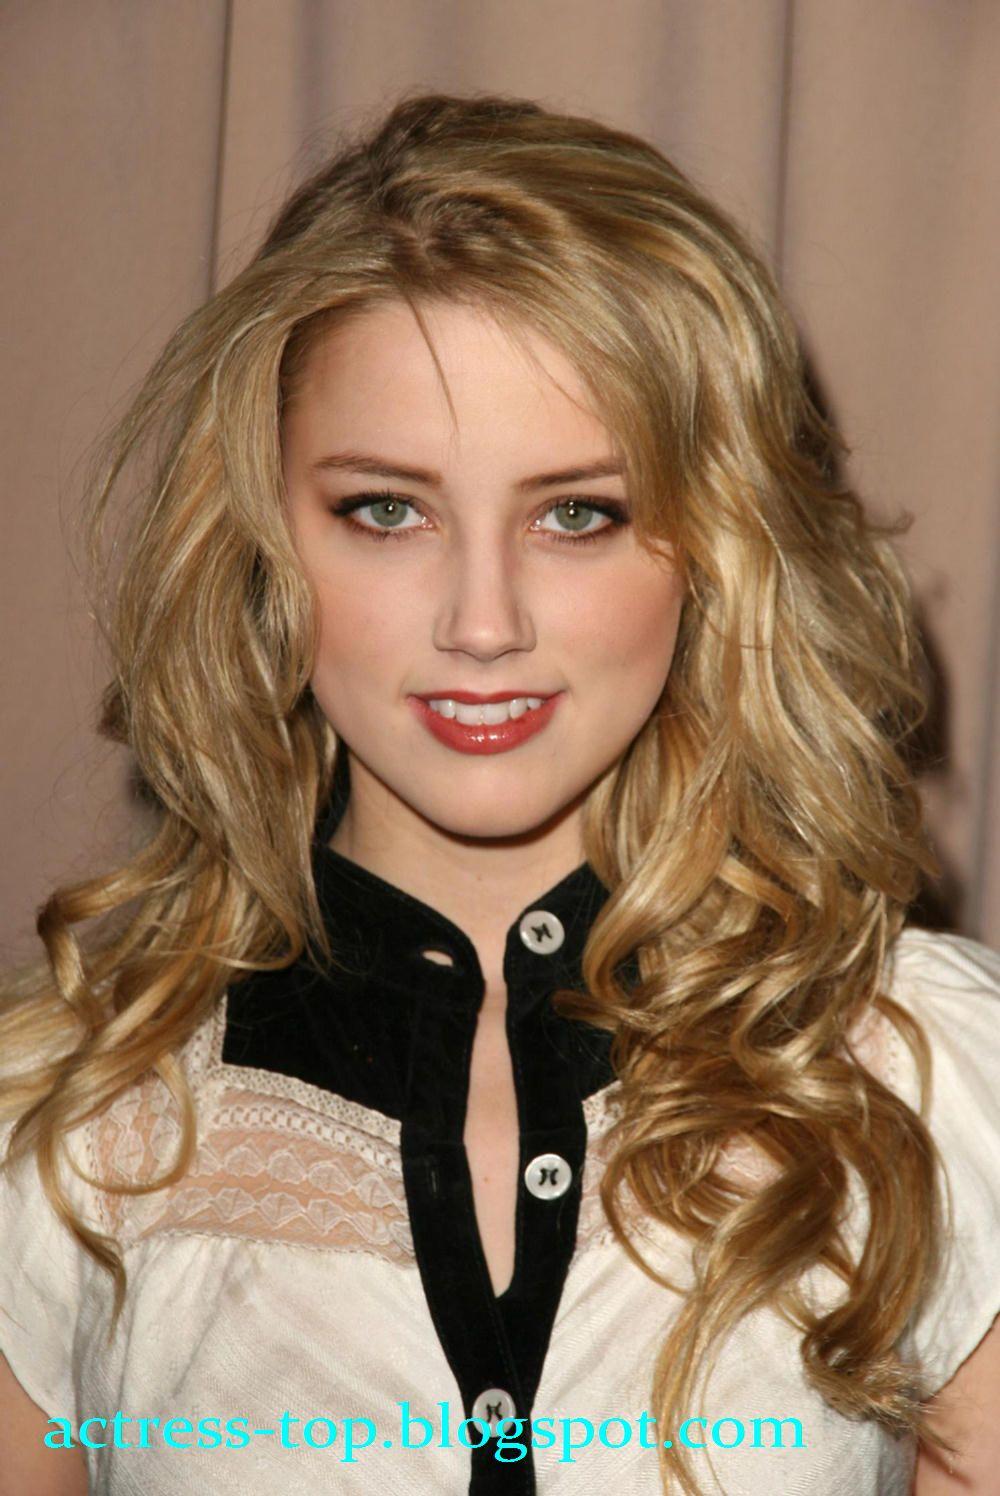 actress top